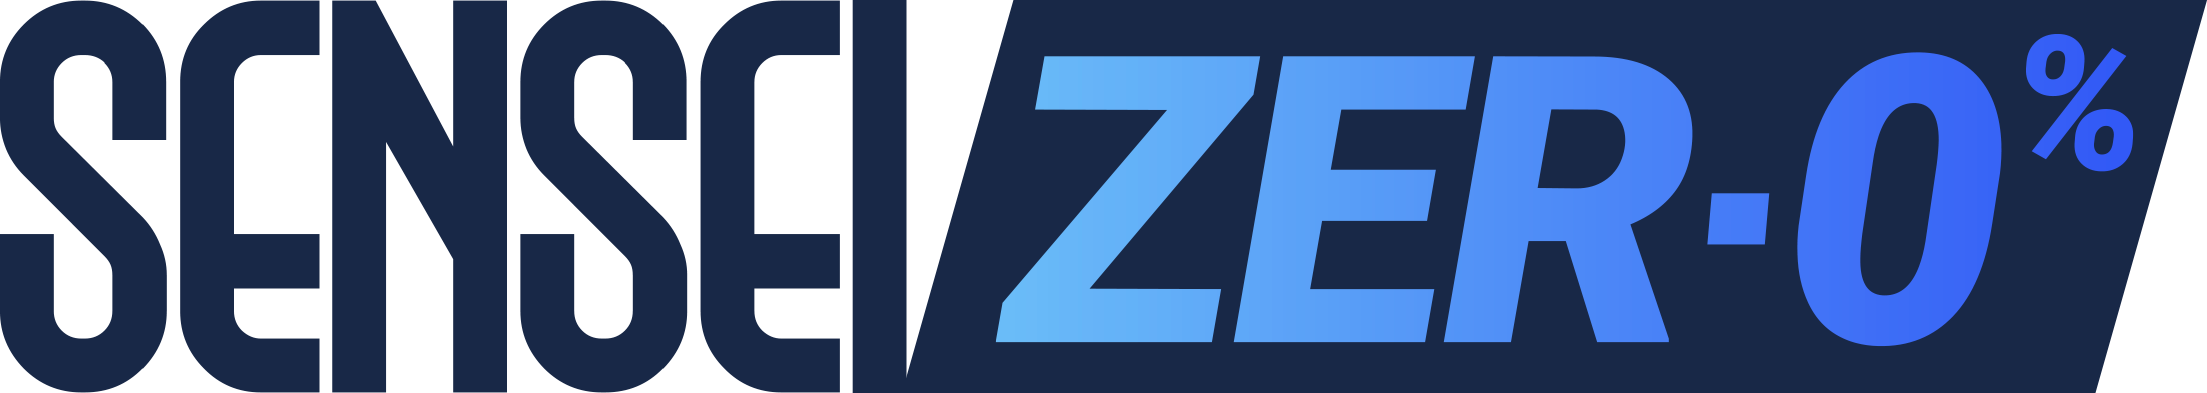 SENSEIZERO_2